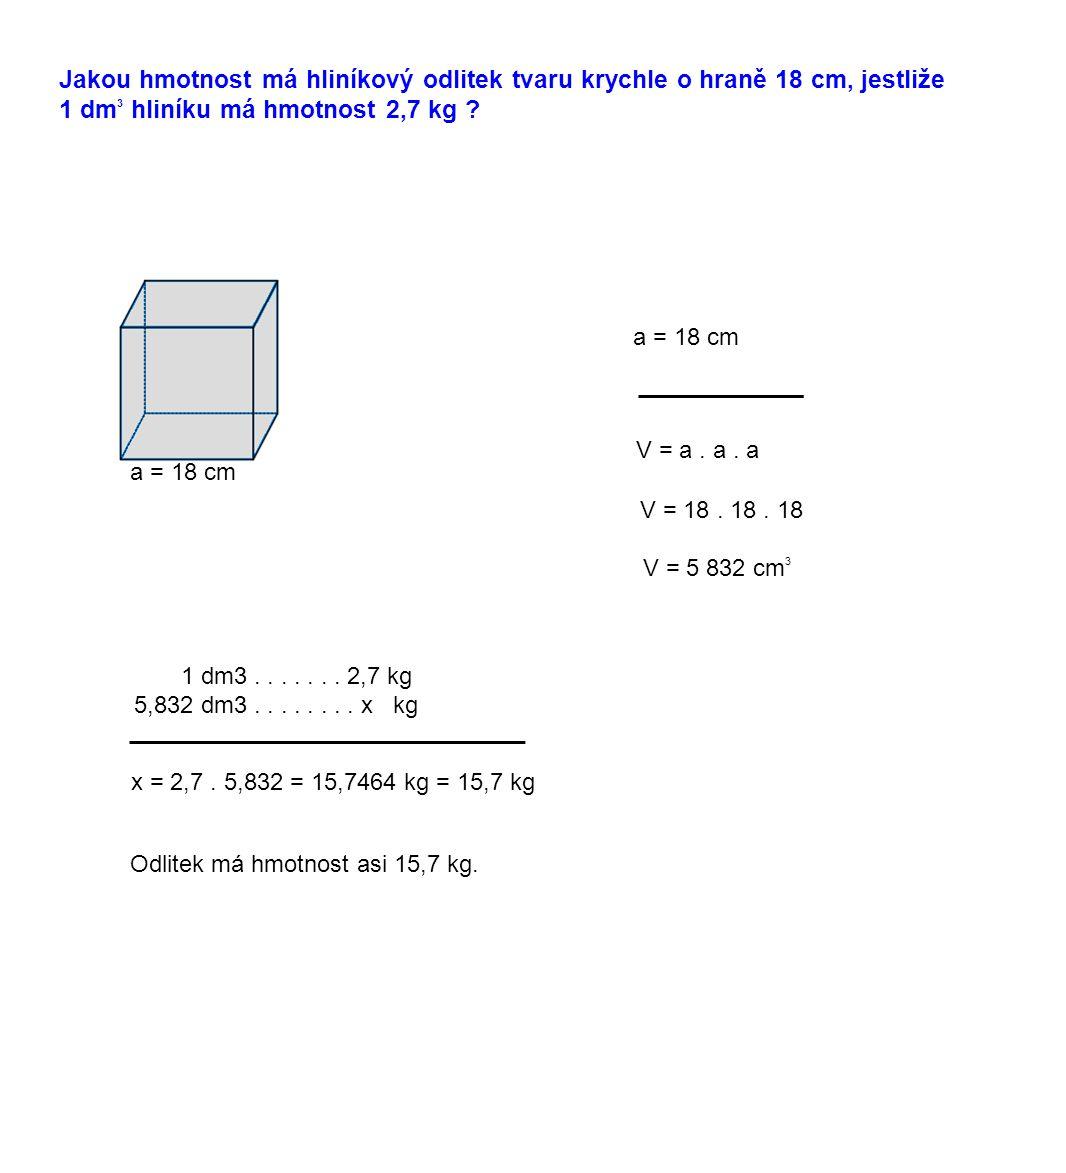 Jakou hmotnost má hliníkový odlitek tvaru krychle o hraně 18 cm, jestliže 1 dm3 hliníku má hmotnost 2,7 kg